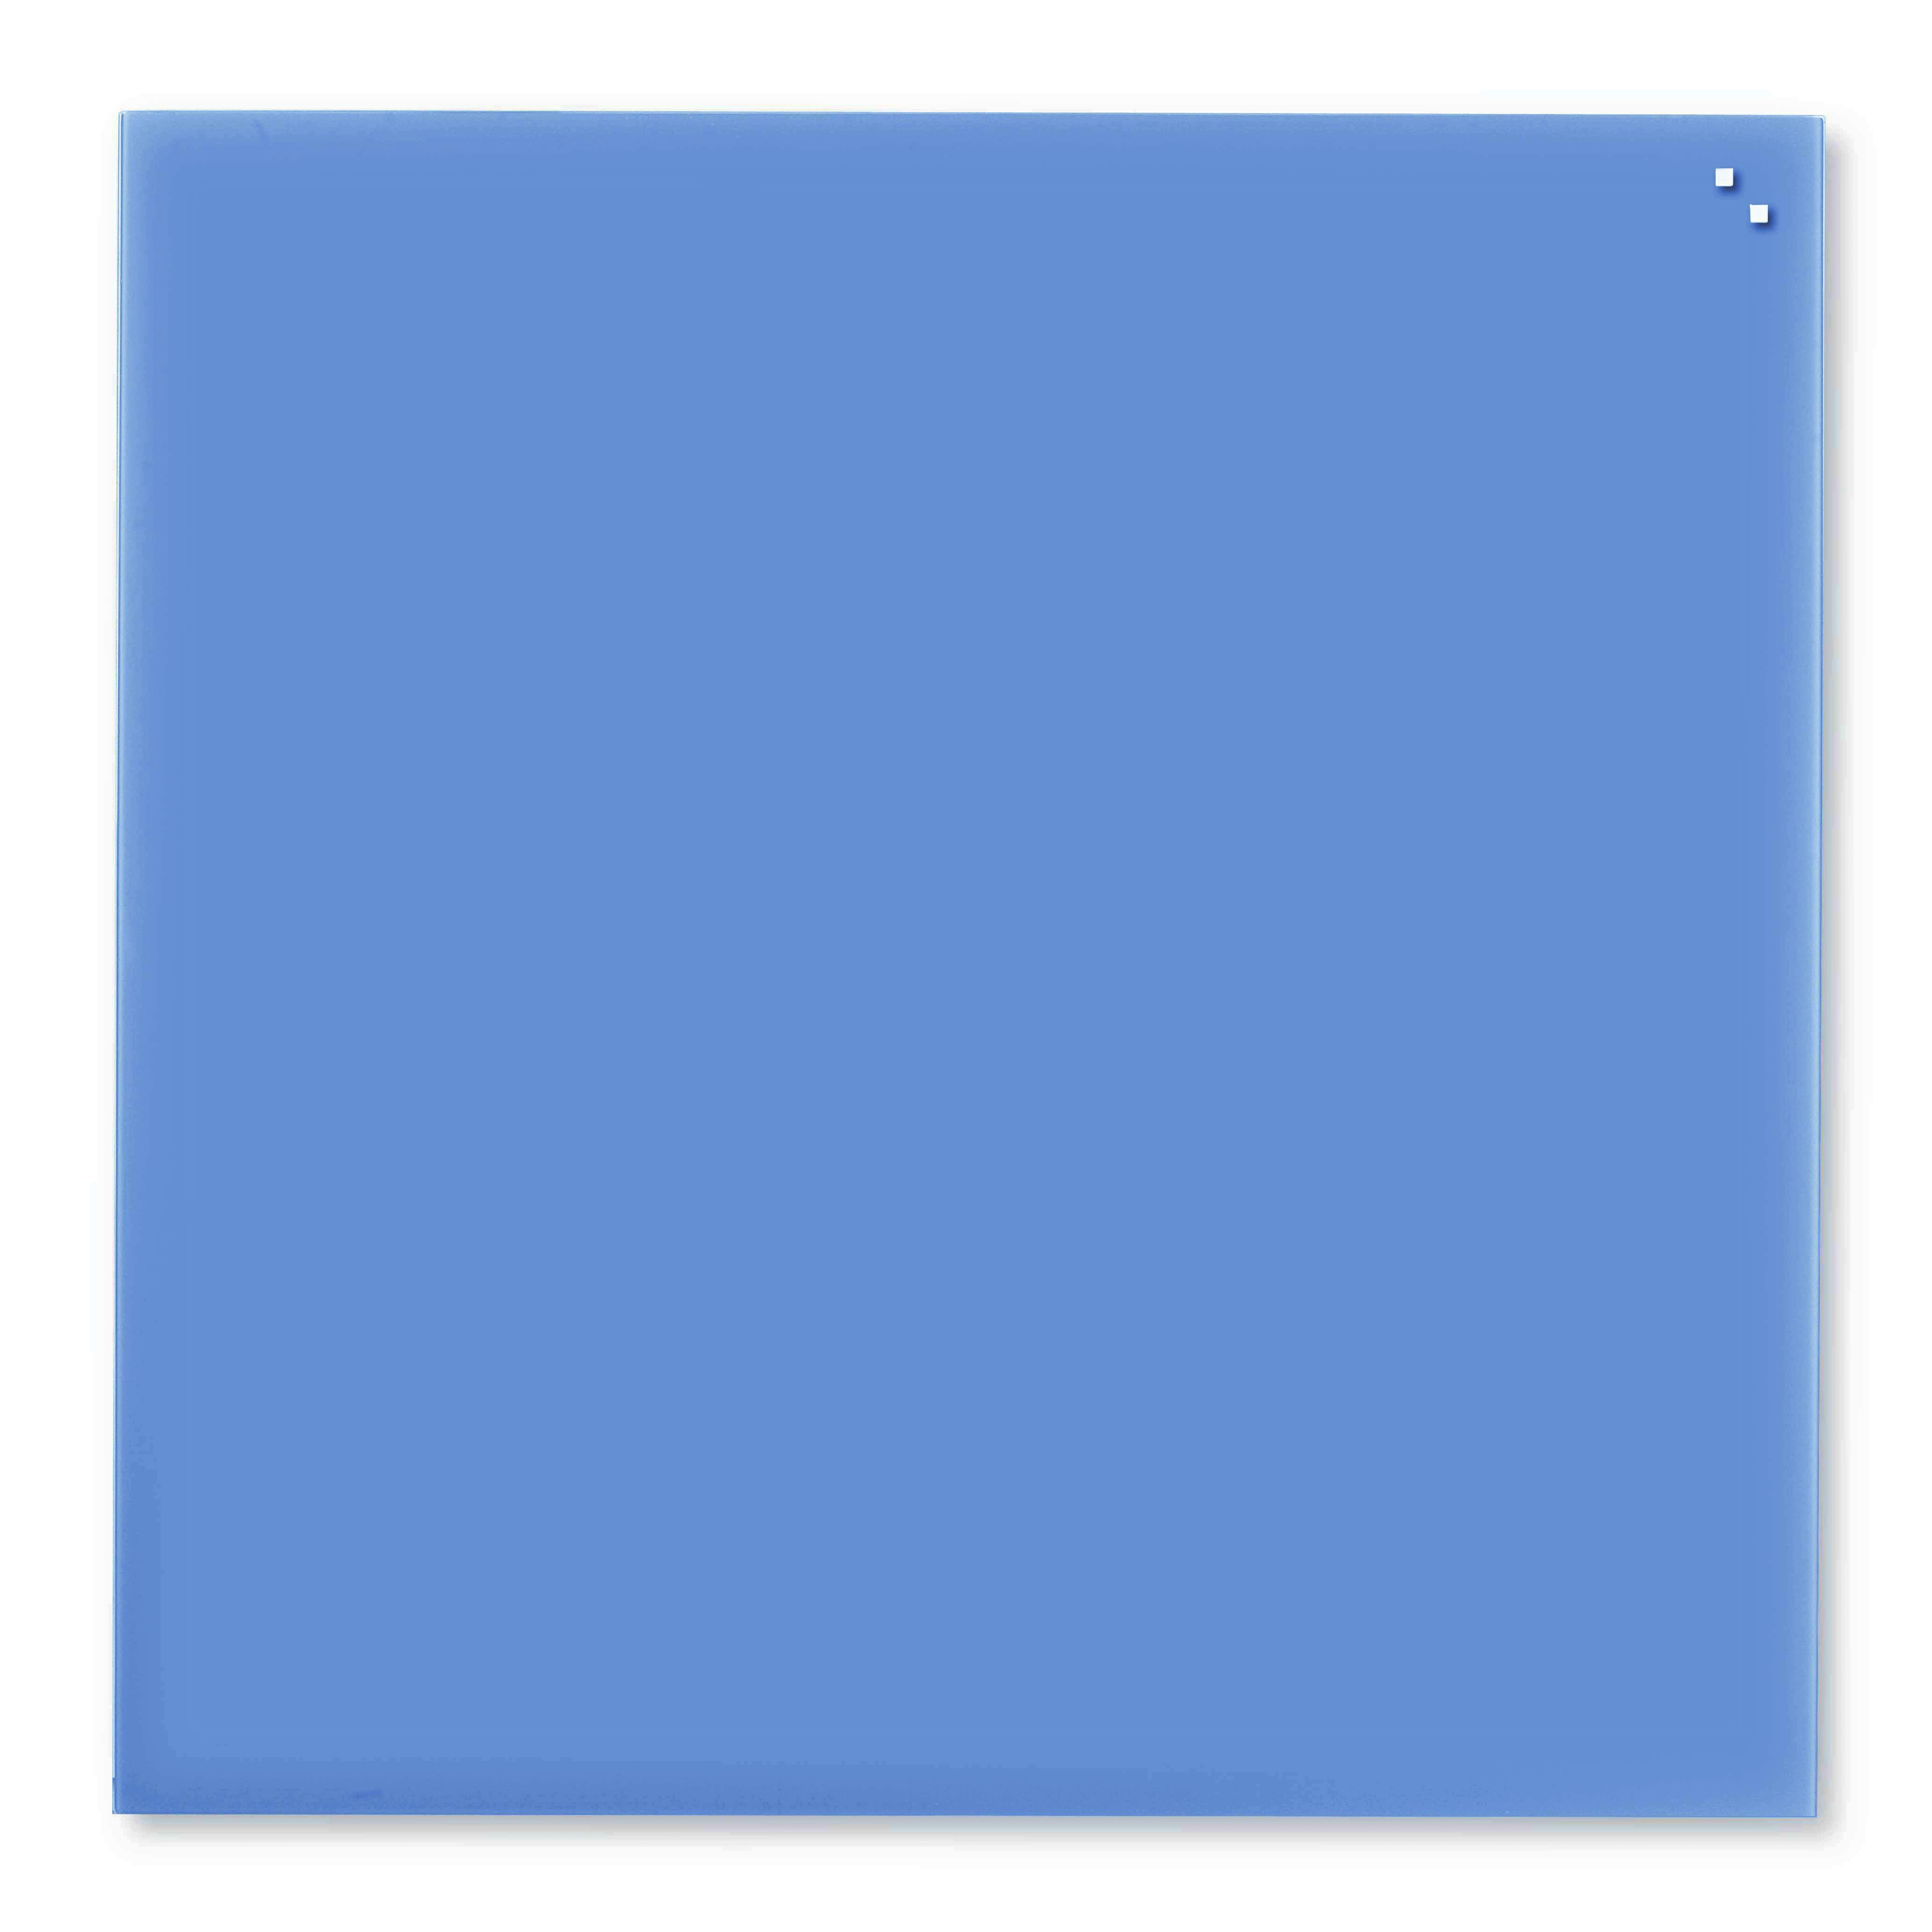 Tabule magnetické skleněné - 100 x 100 cm / kobaltová modrá